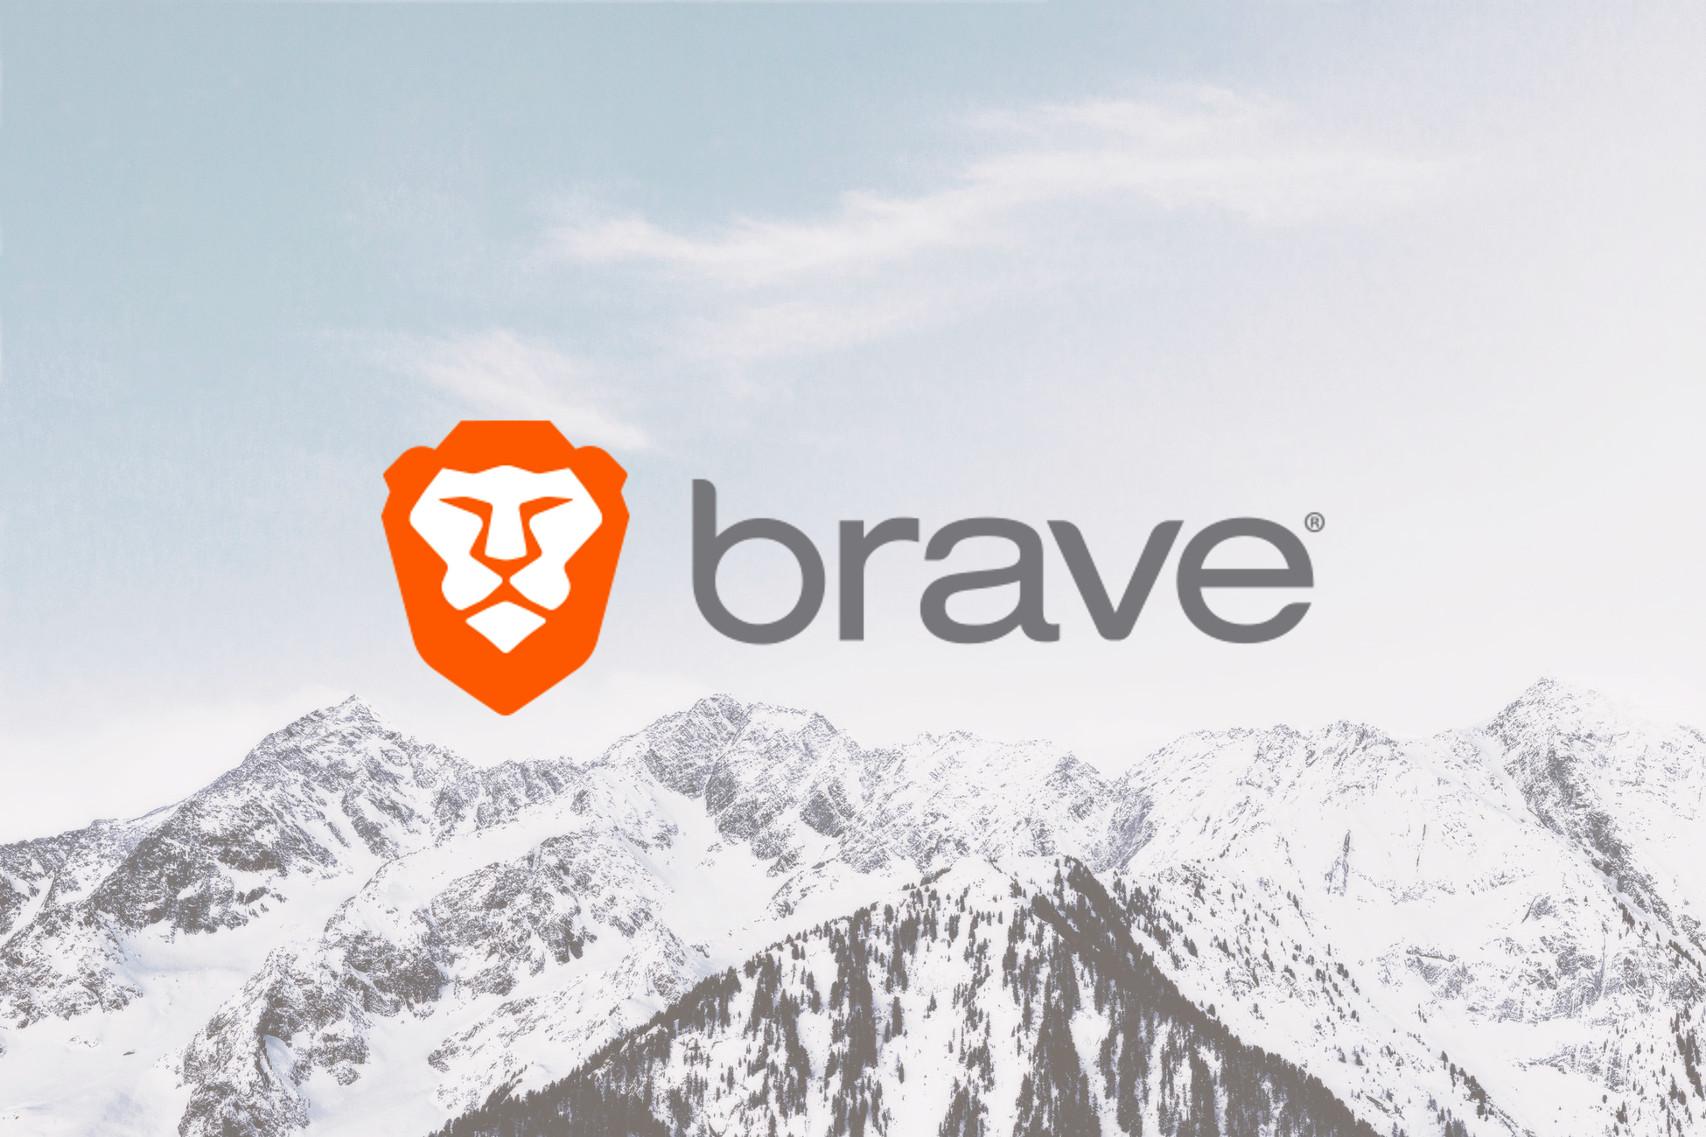 brave_browser